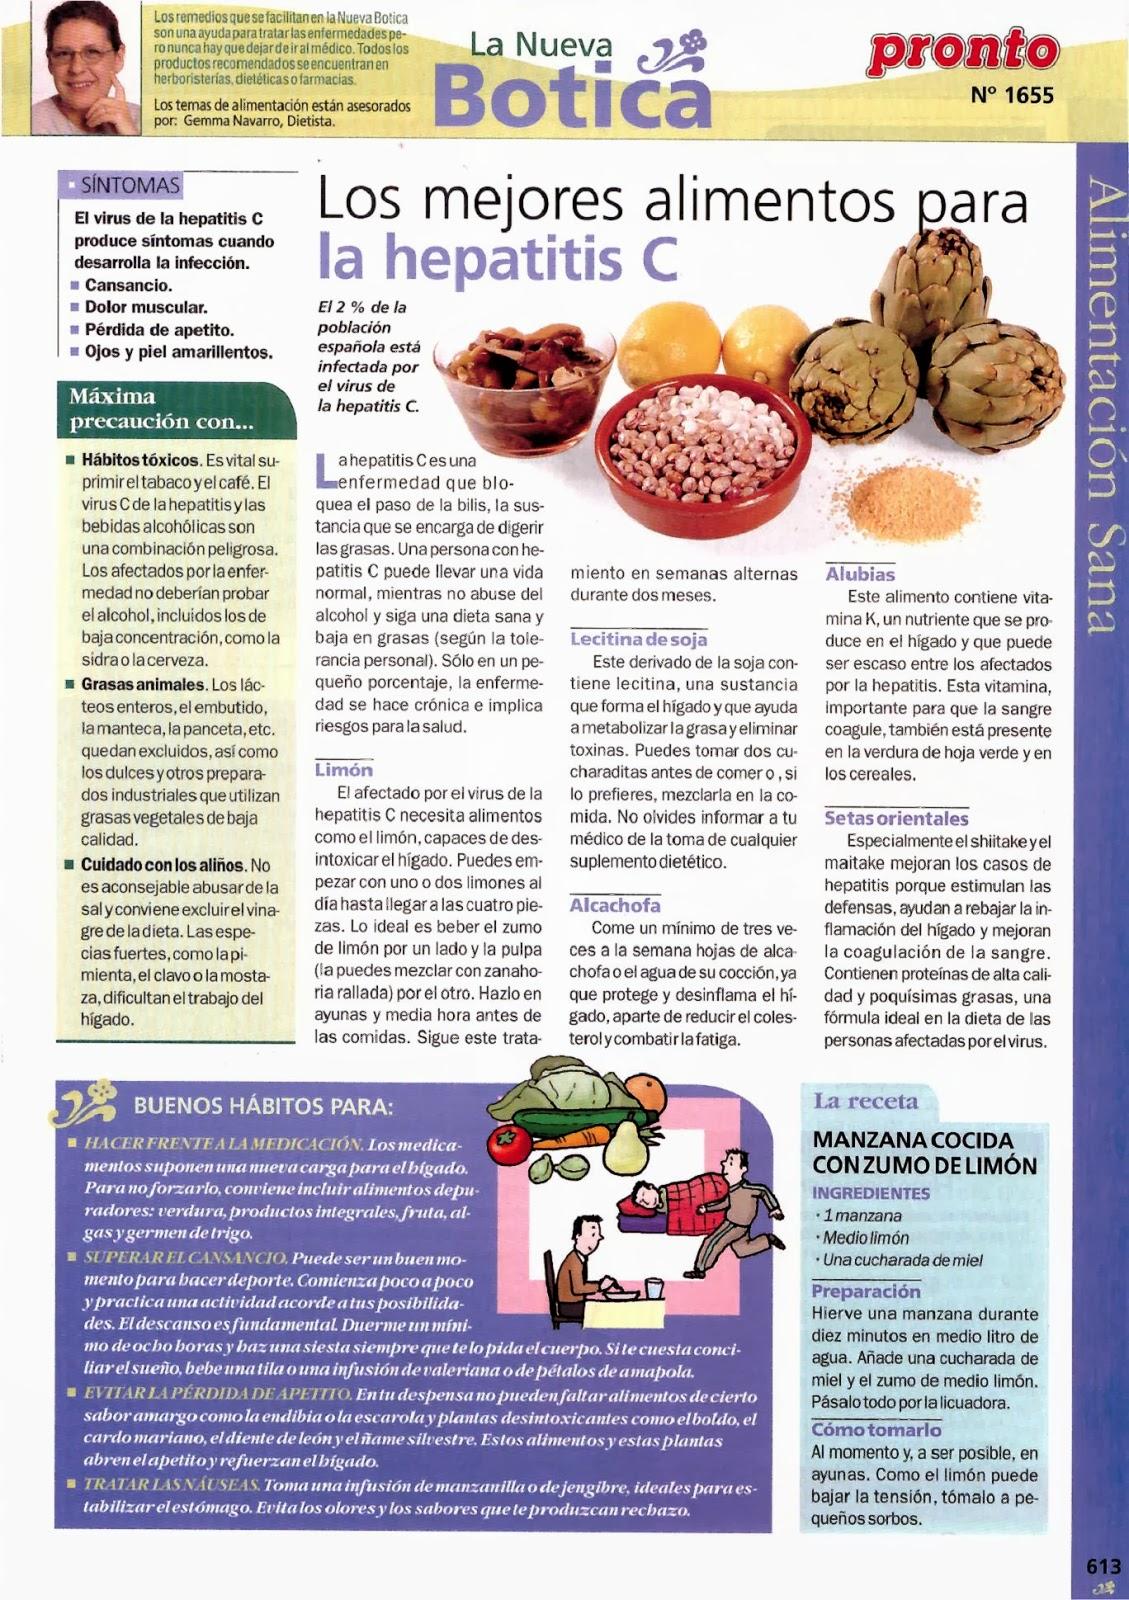 Zumos brebajes y p cimas saludables los mejores alimentos para la hepatitis c - Mejores alimentos para el higado ...